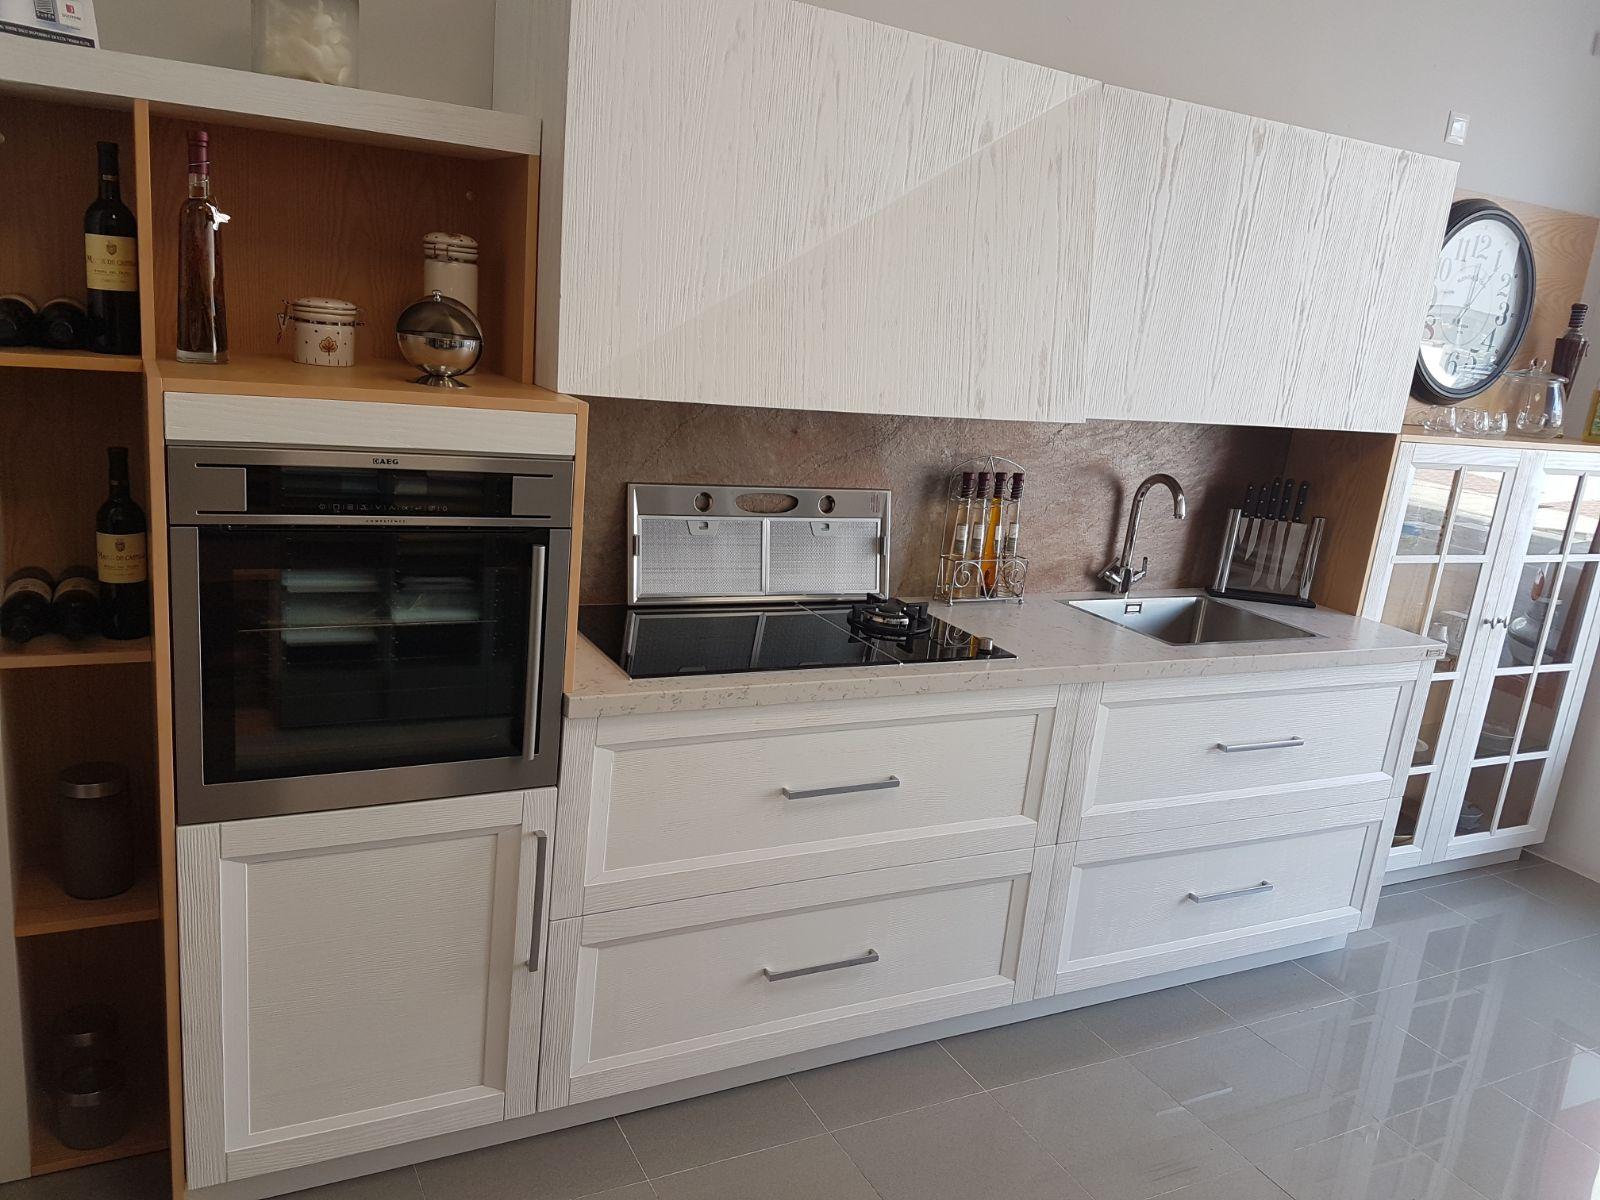 Cocina de exposición 3 - Diseño e instalación de cocinas ...